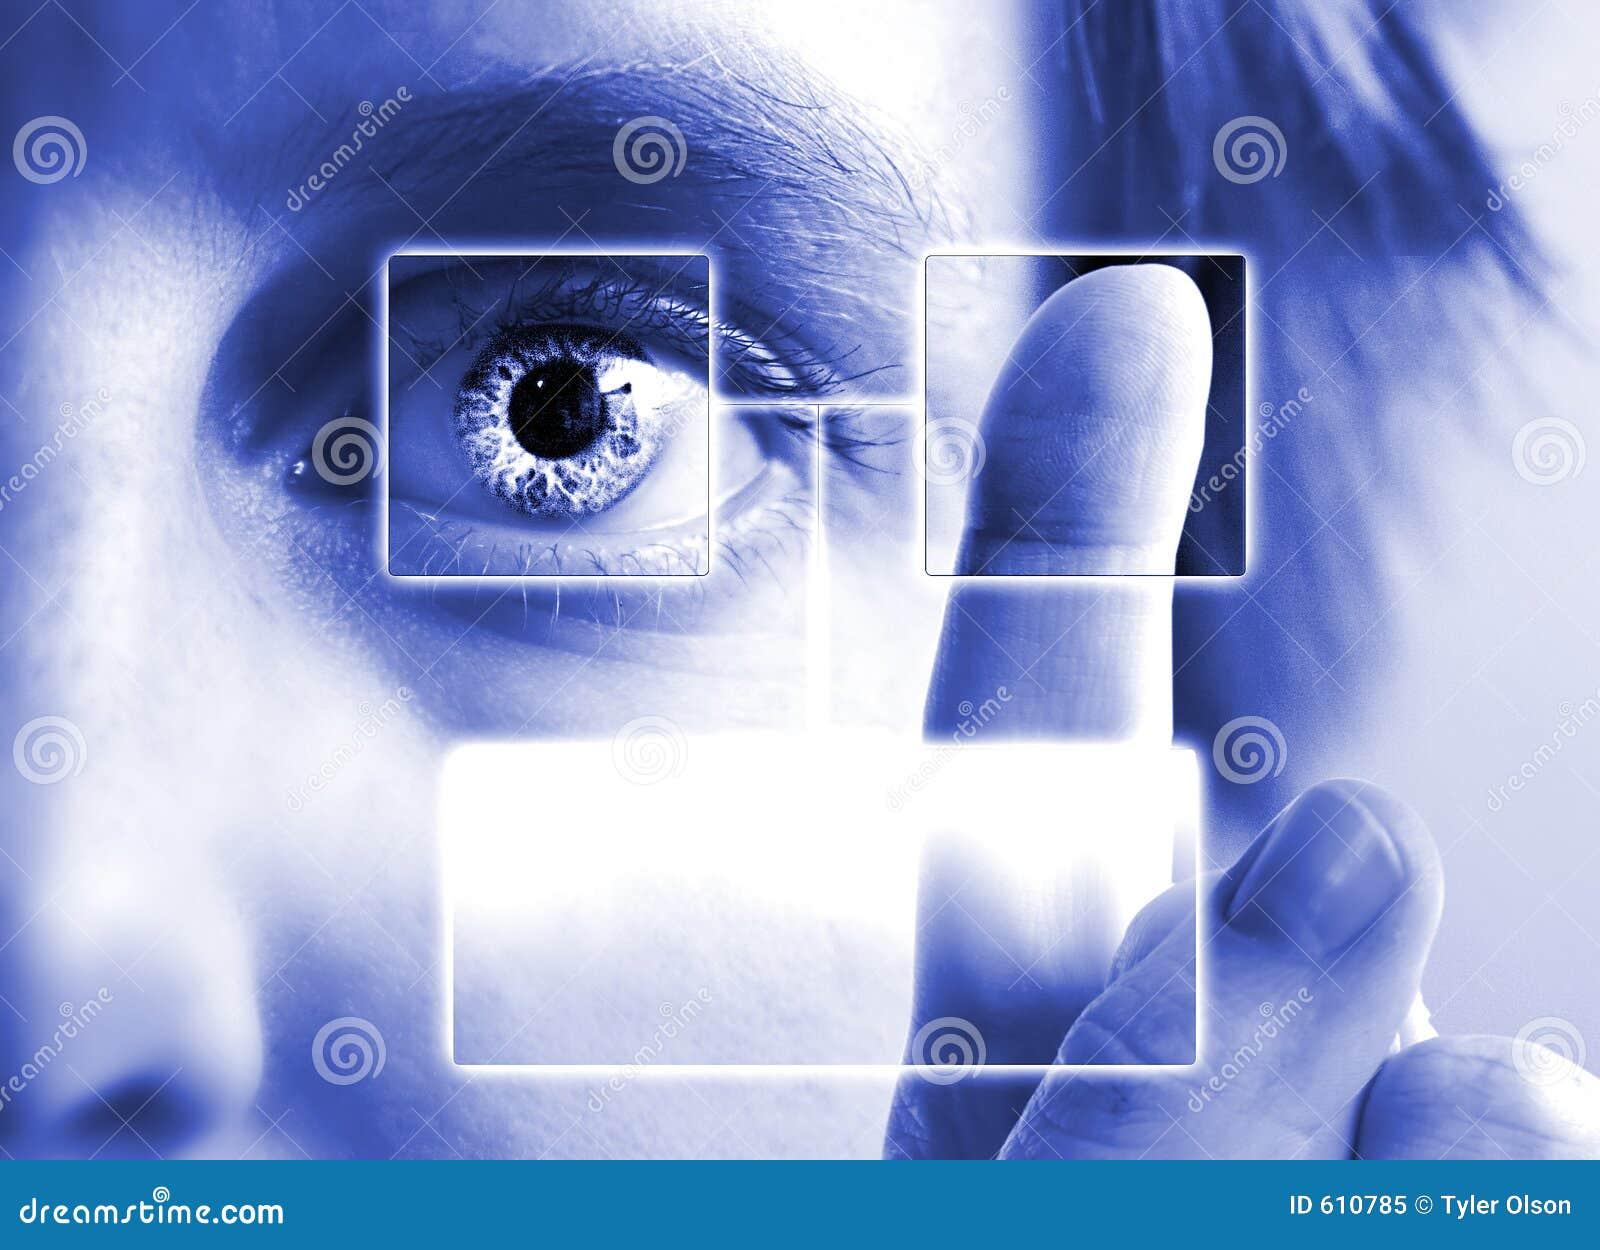 Exploración del diafragma de la huella digital